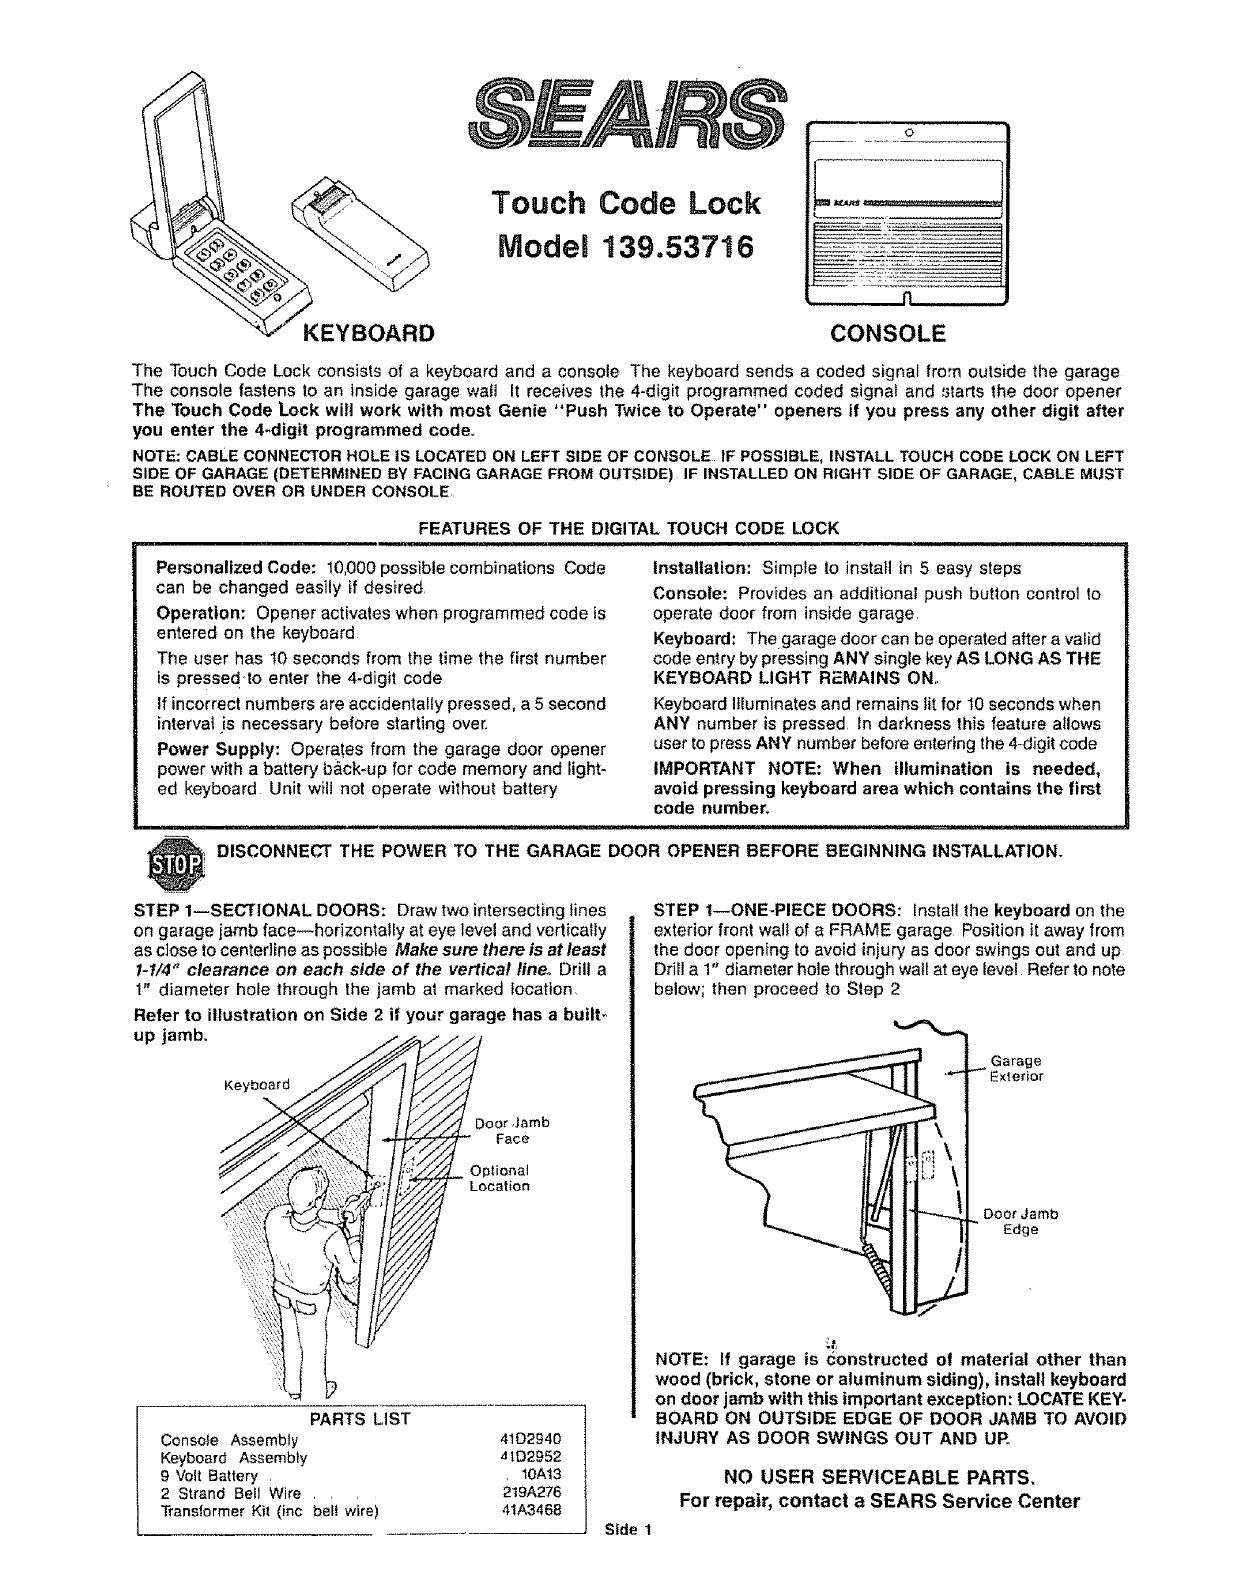 Sears Garage Door Opener 13953716 User Guide Manualsonline